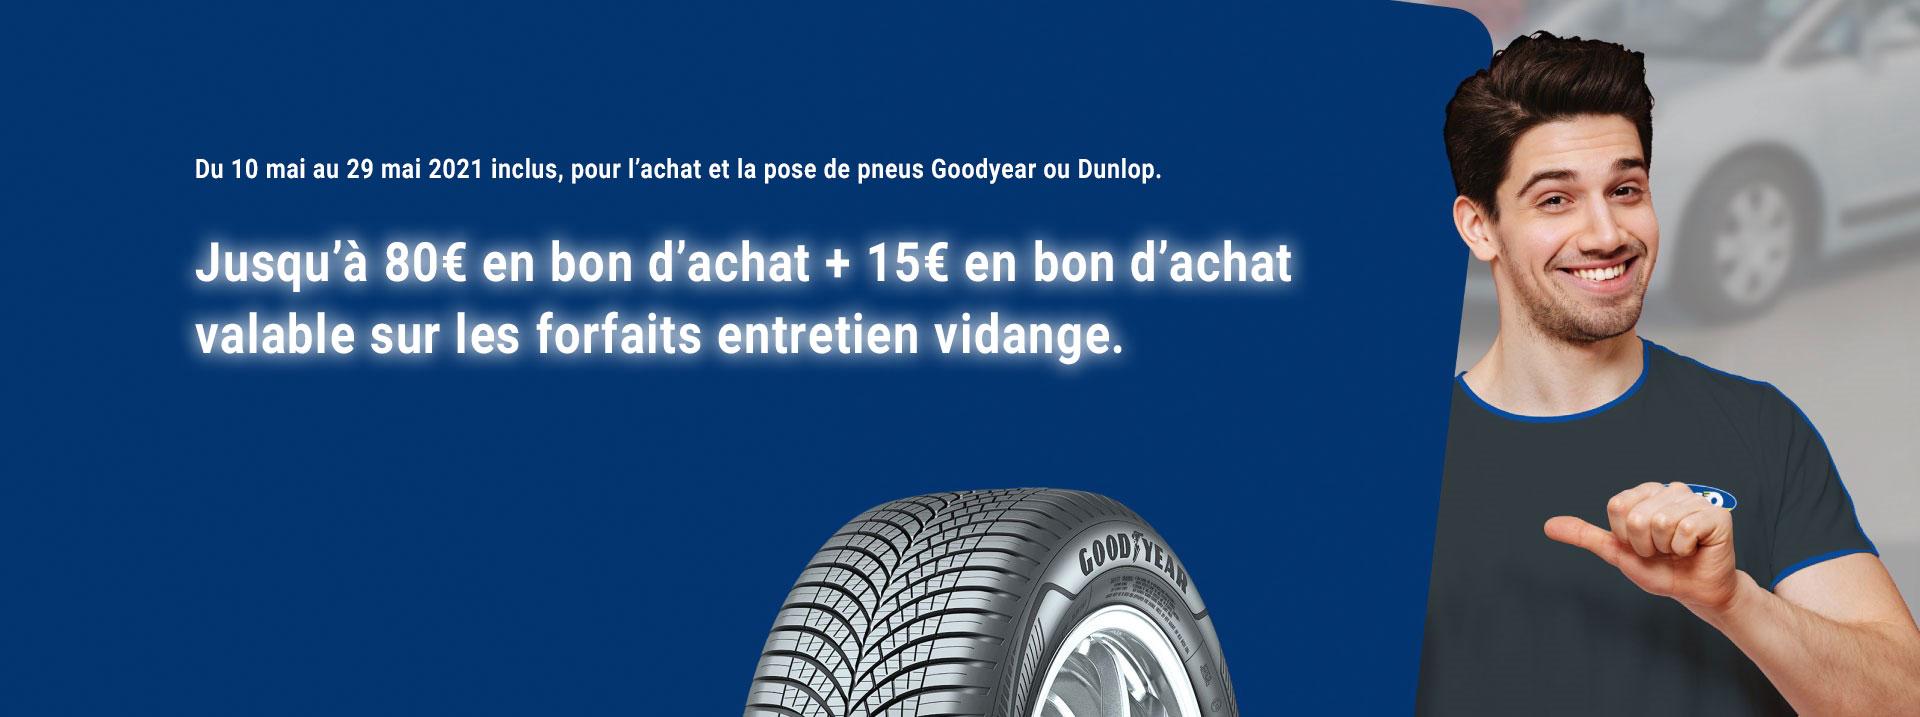 Pneus GoodYear ou Dunlop : Jusqu'à 80€ en bon d'achat 15€ sur les forfaits vidange